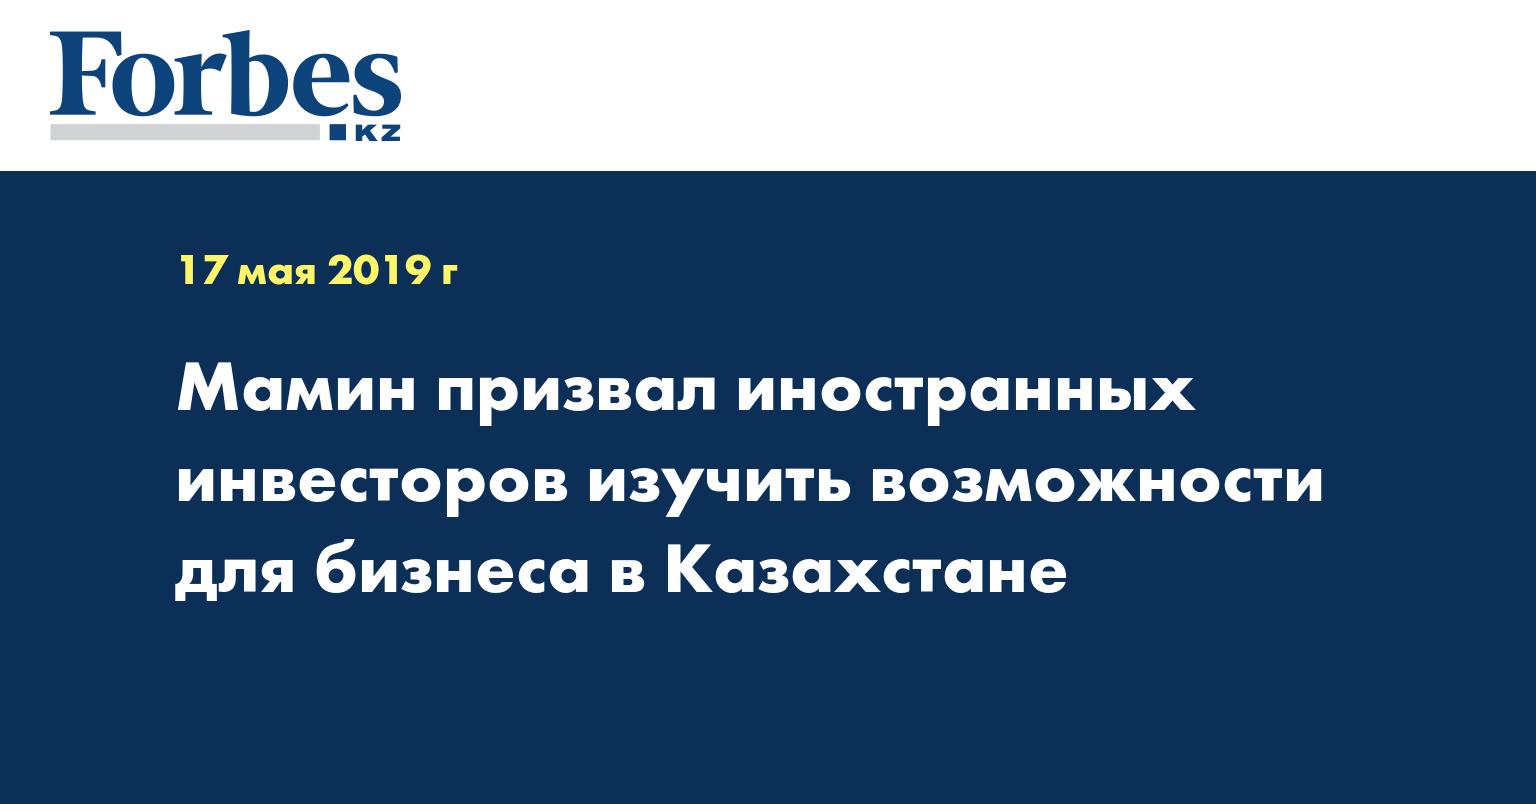 Мамин призвал иностранных инвесторов изучить возможности для бизнеса в Казахстане